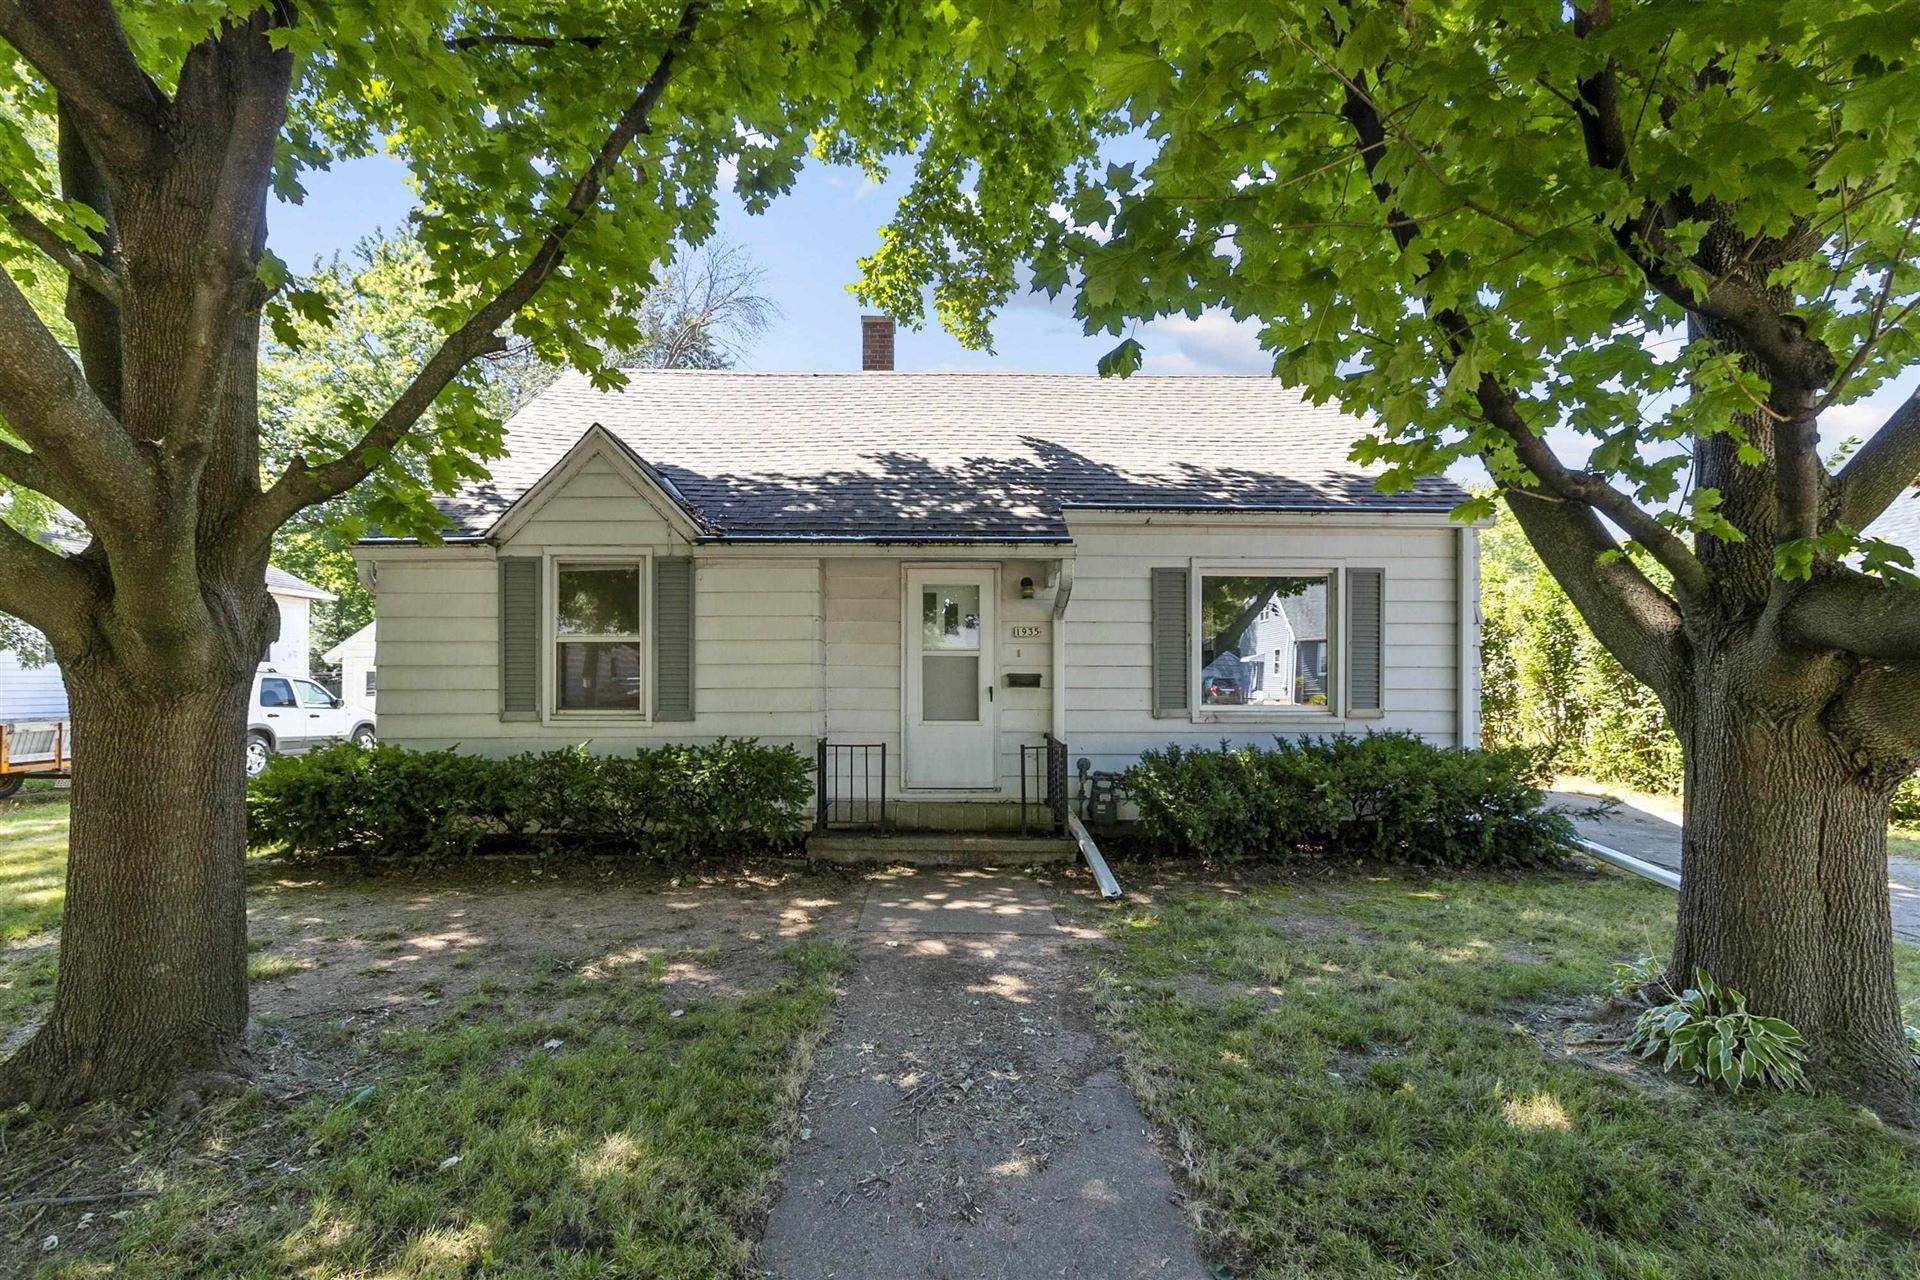 1935 MINNESOTA Street, Oshkosh, WI 54902 - MLS#: 50246646